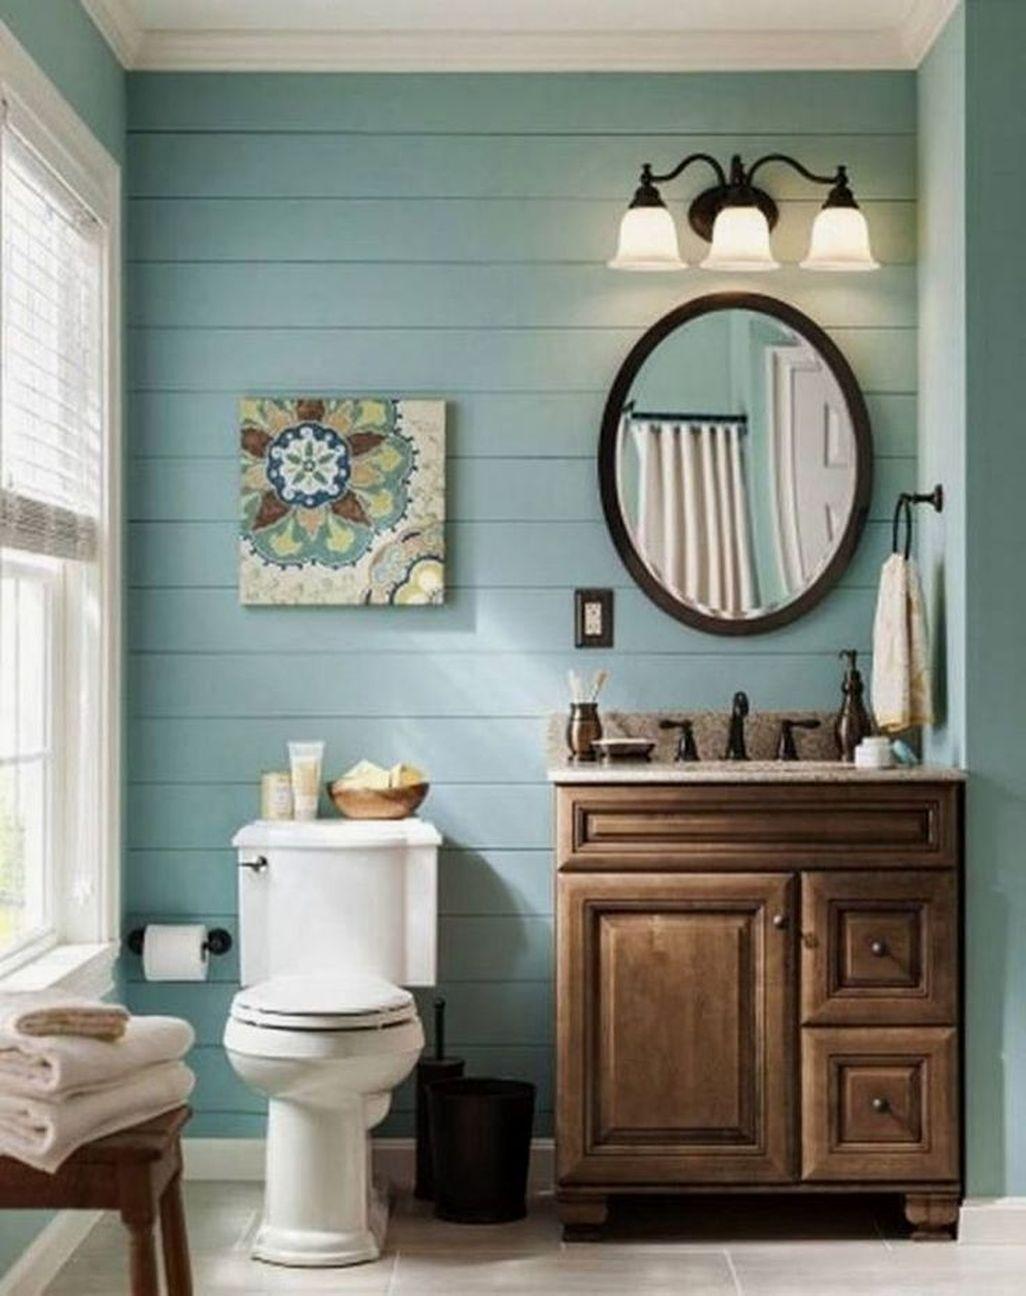 41 Affordable And Modern Farmhouse Bathroom Wall Color Ideas